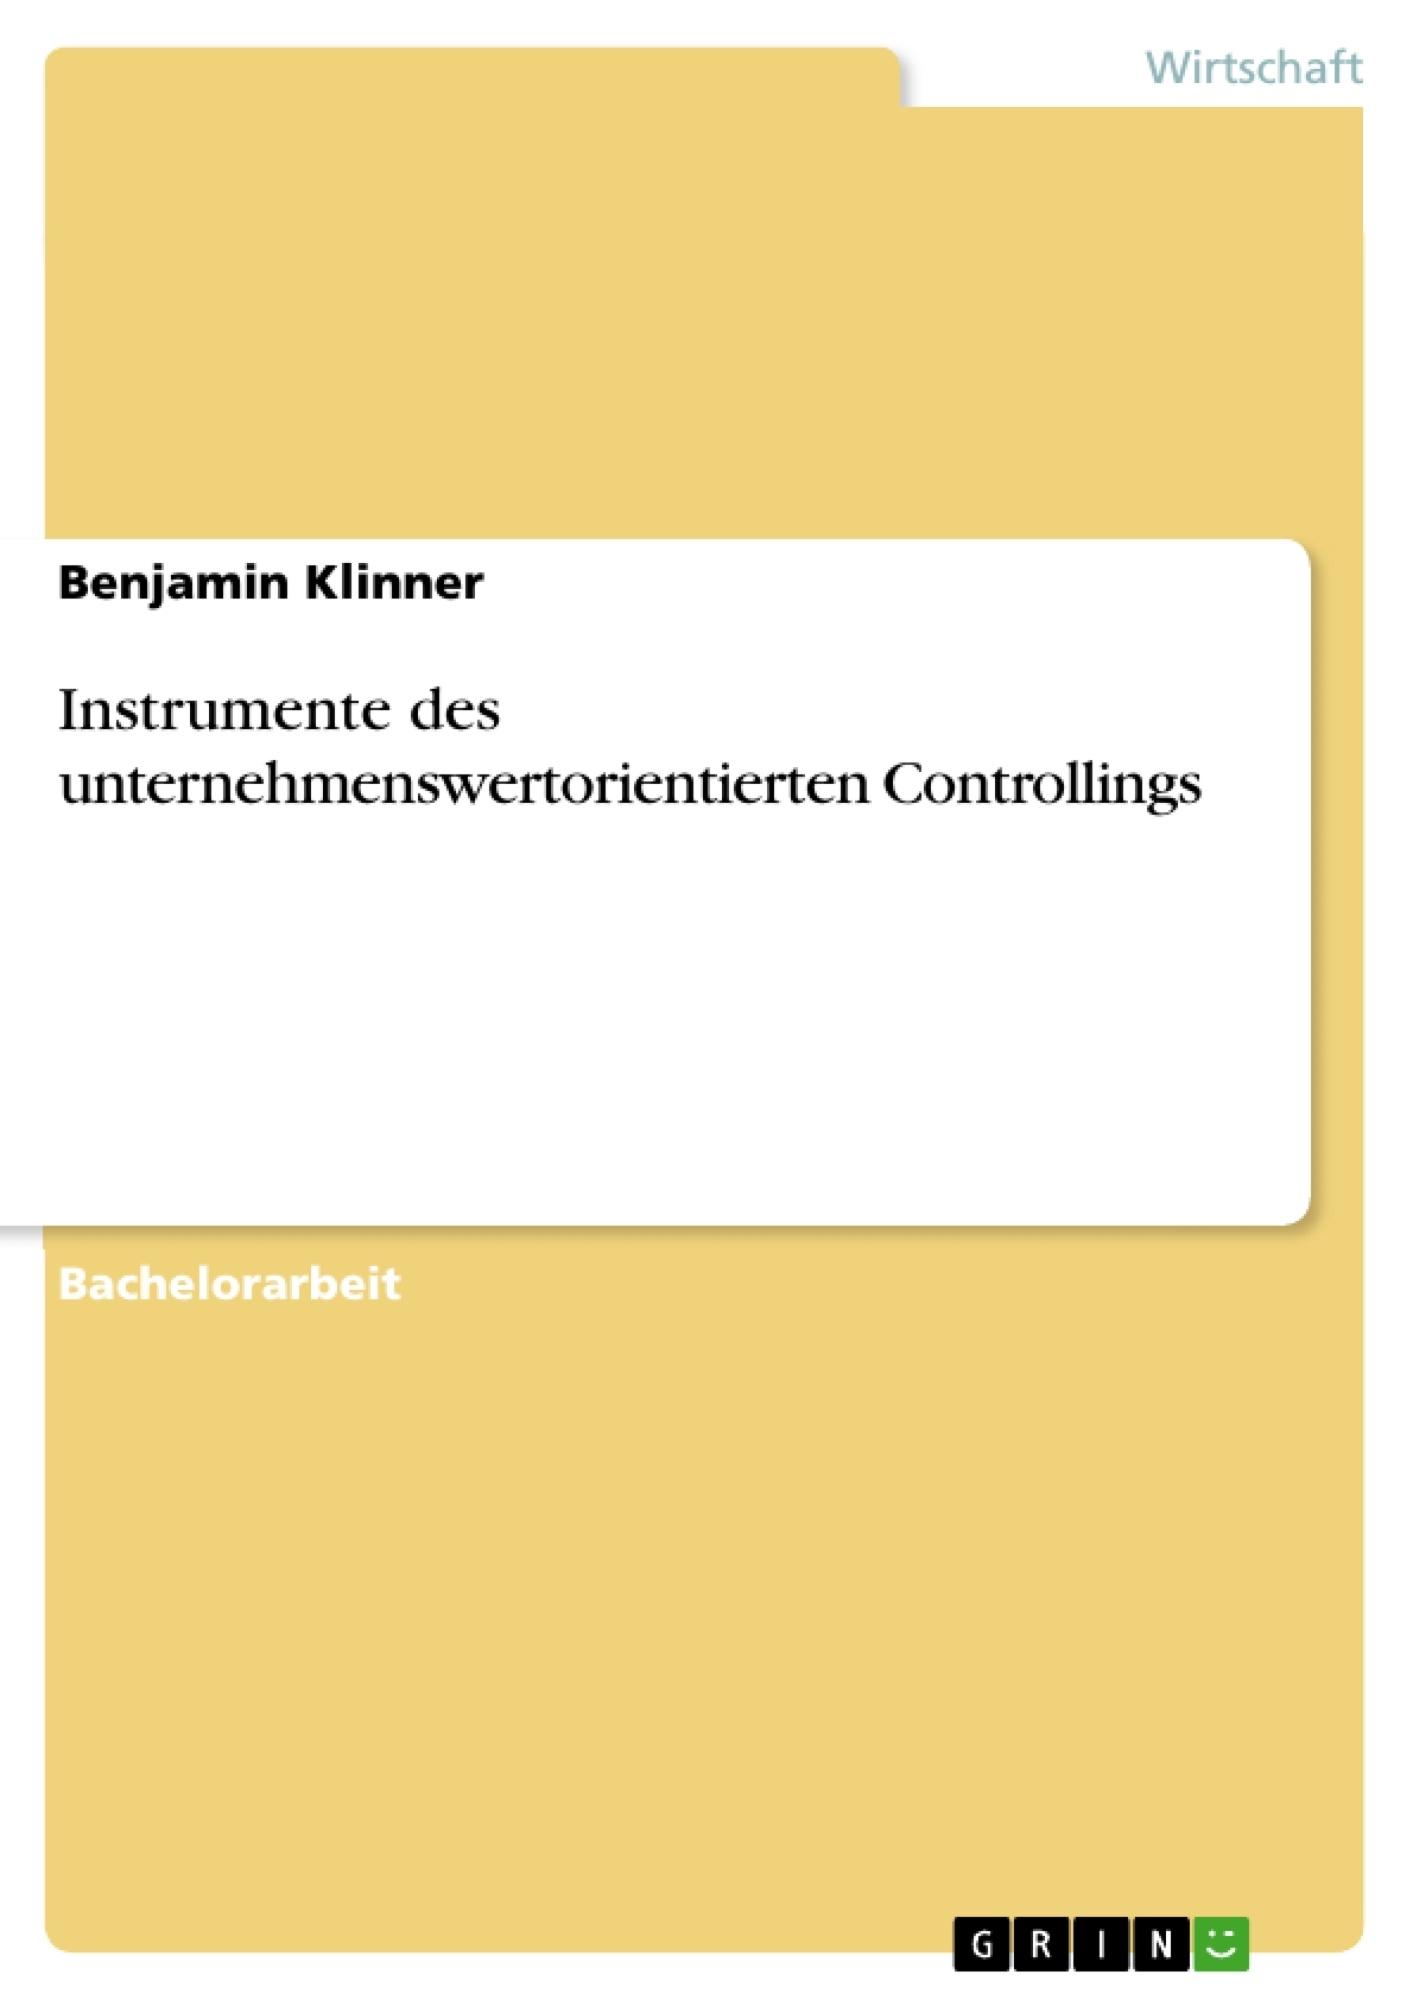 Titel: Instrumente des unternehmenswertorientierten Controllings